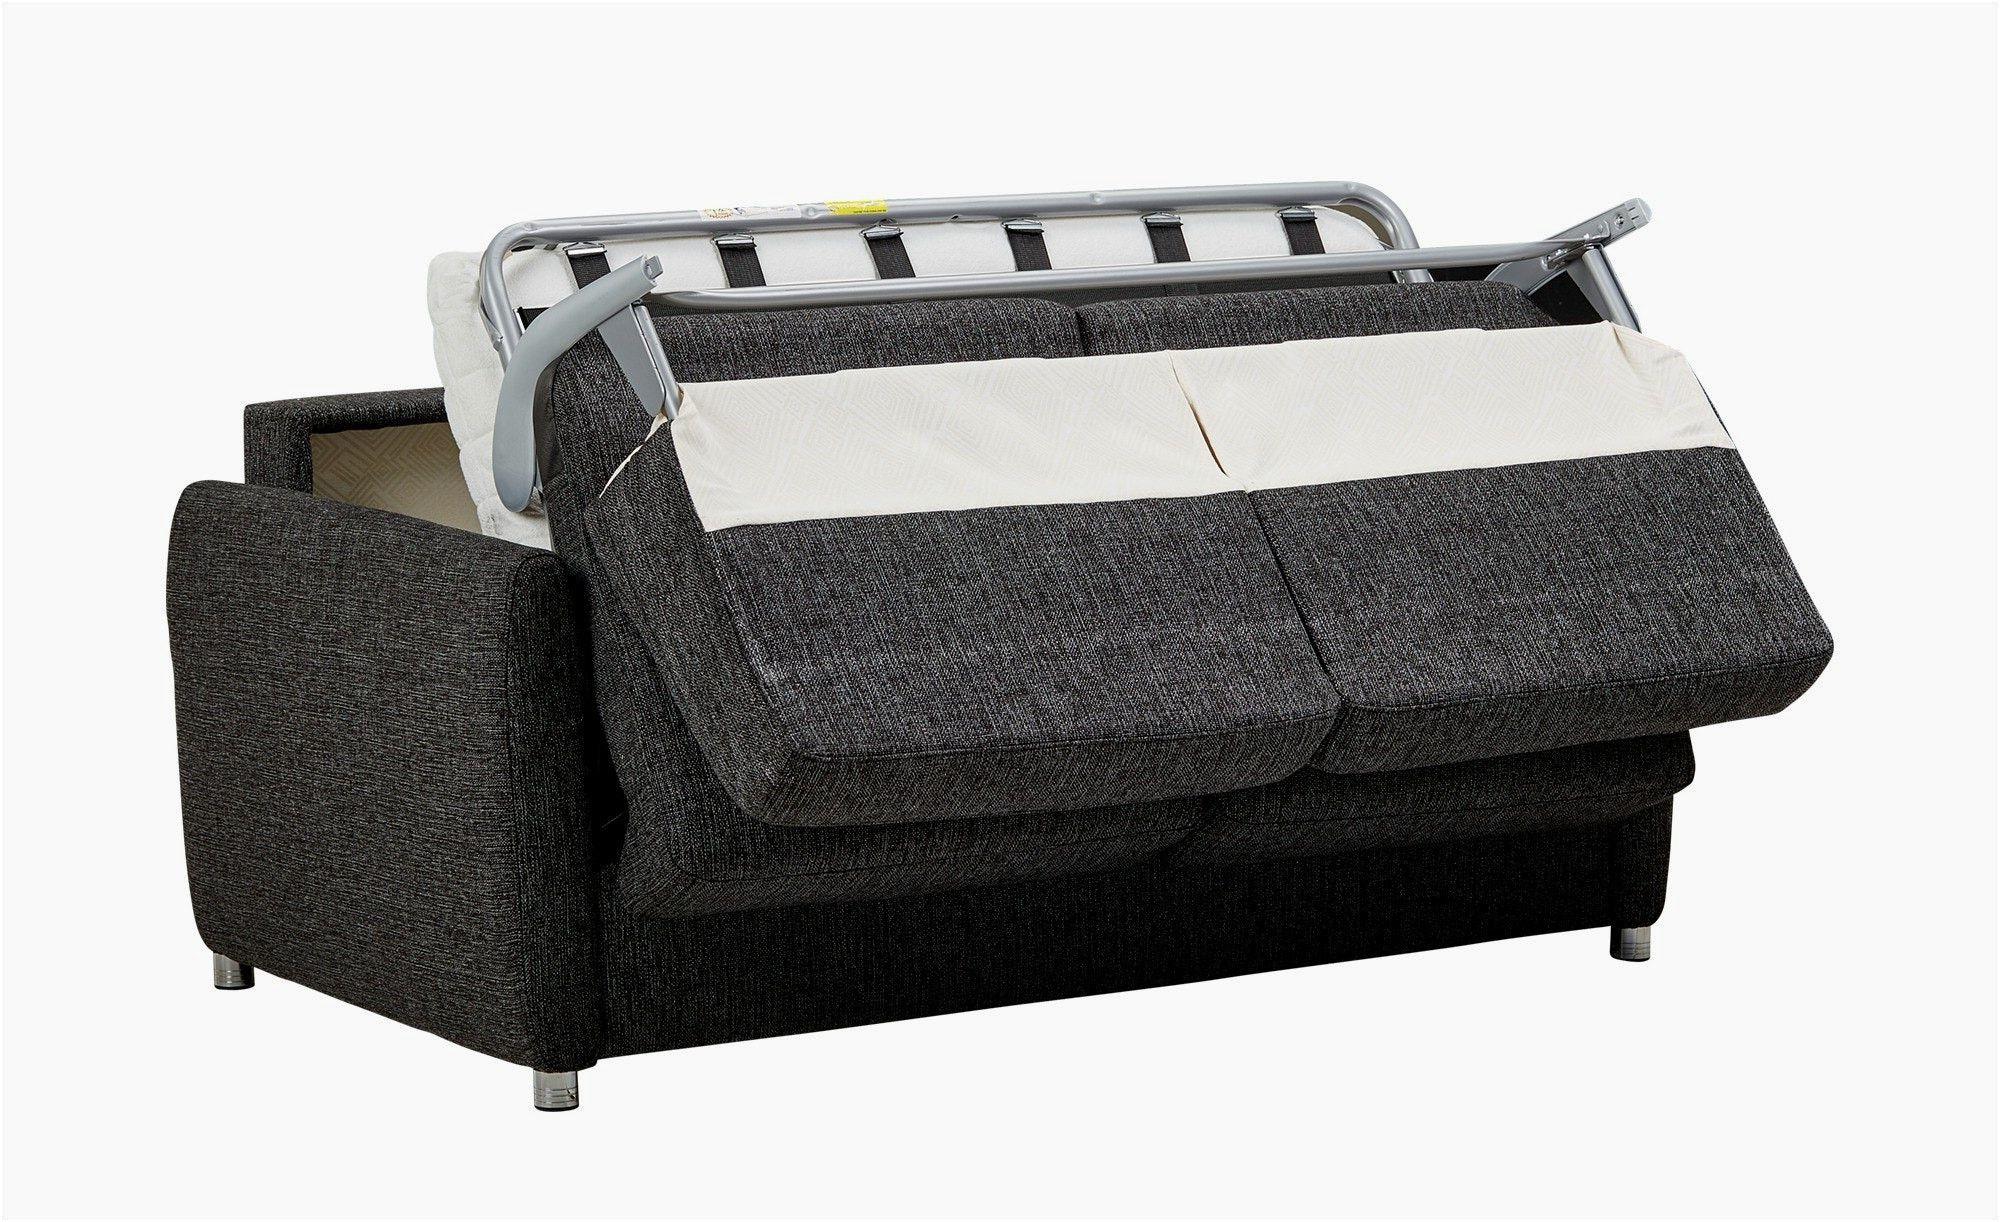 Full Size of Höffner Big Sofa Elegant Hffner 2 Sitzer Mit Schlaffunktion Garnitur Günstig Mondo Kinderzimmer Vitra Schlafsofa Liegefläche 180x200 Recamiere Hussen Sofa Höffner Big Sofa